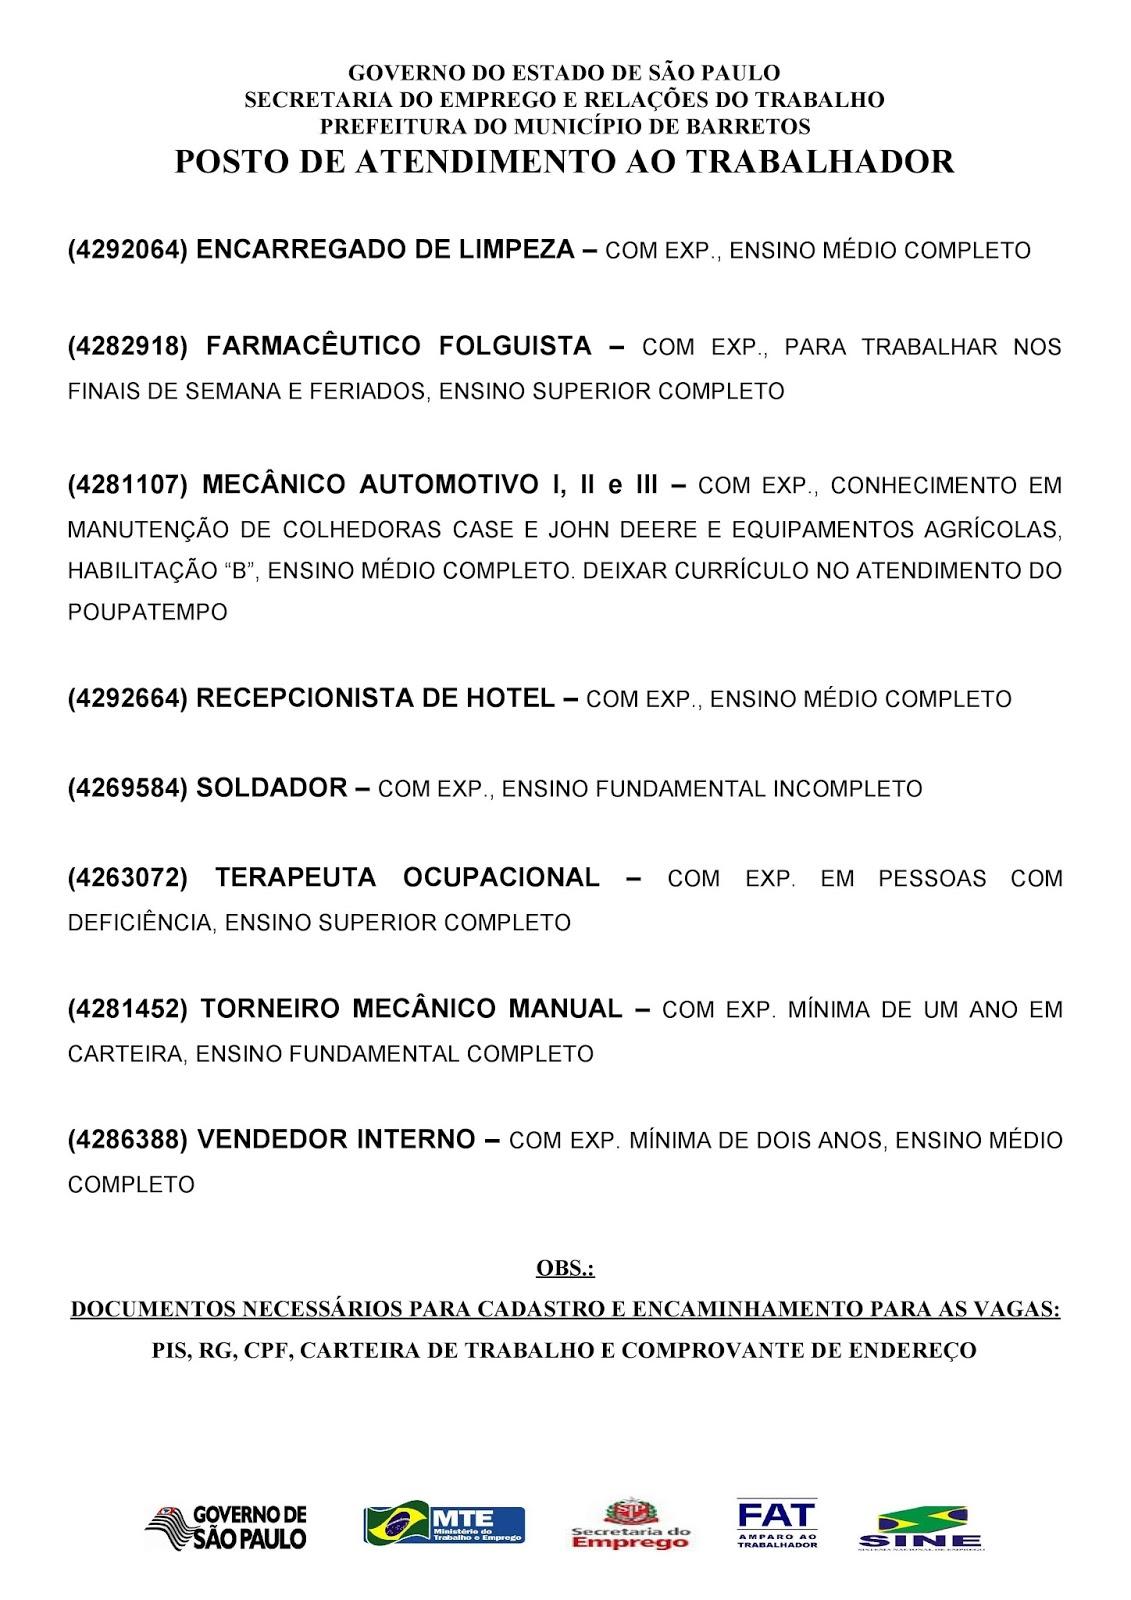 VAGAS DE EMPREGO DO PAT BARRETOS-SP PARA 07/11/2017 TERÇA-FEIRA - PAG.2